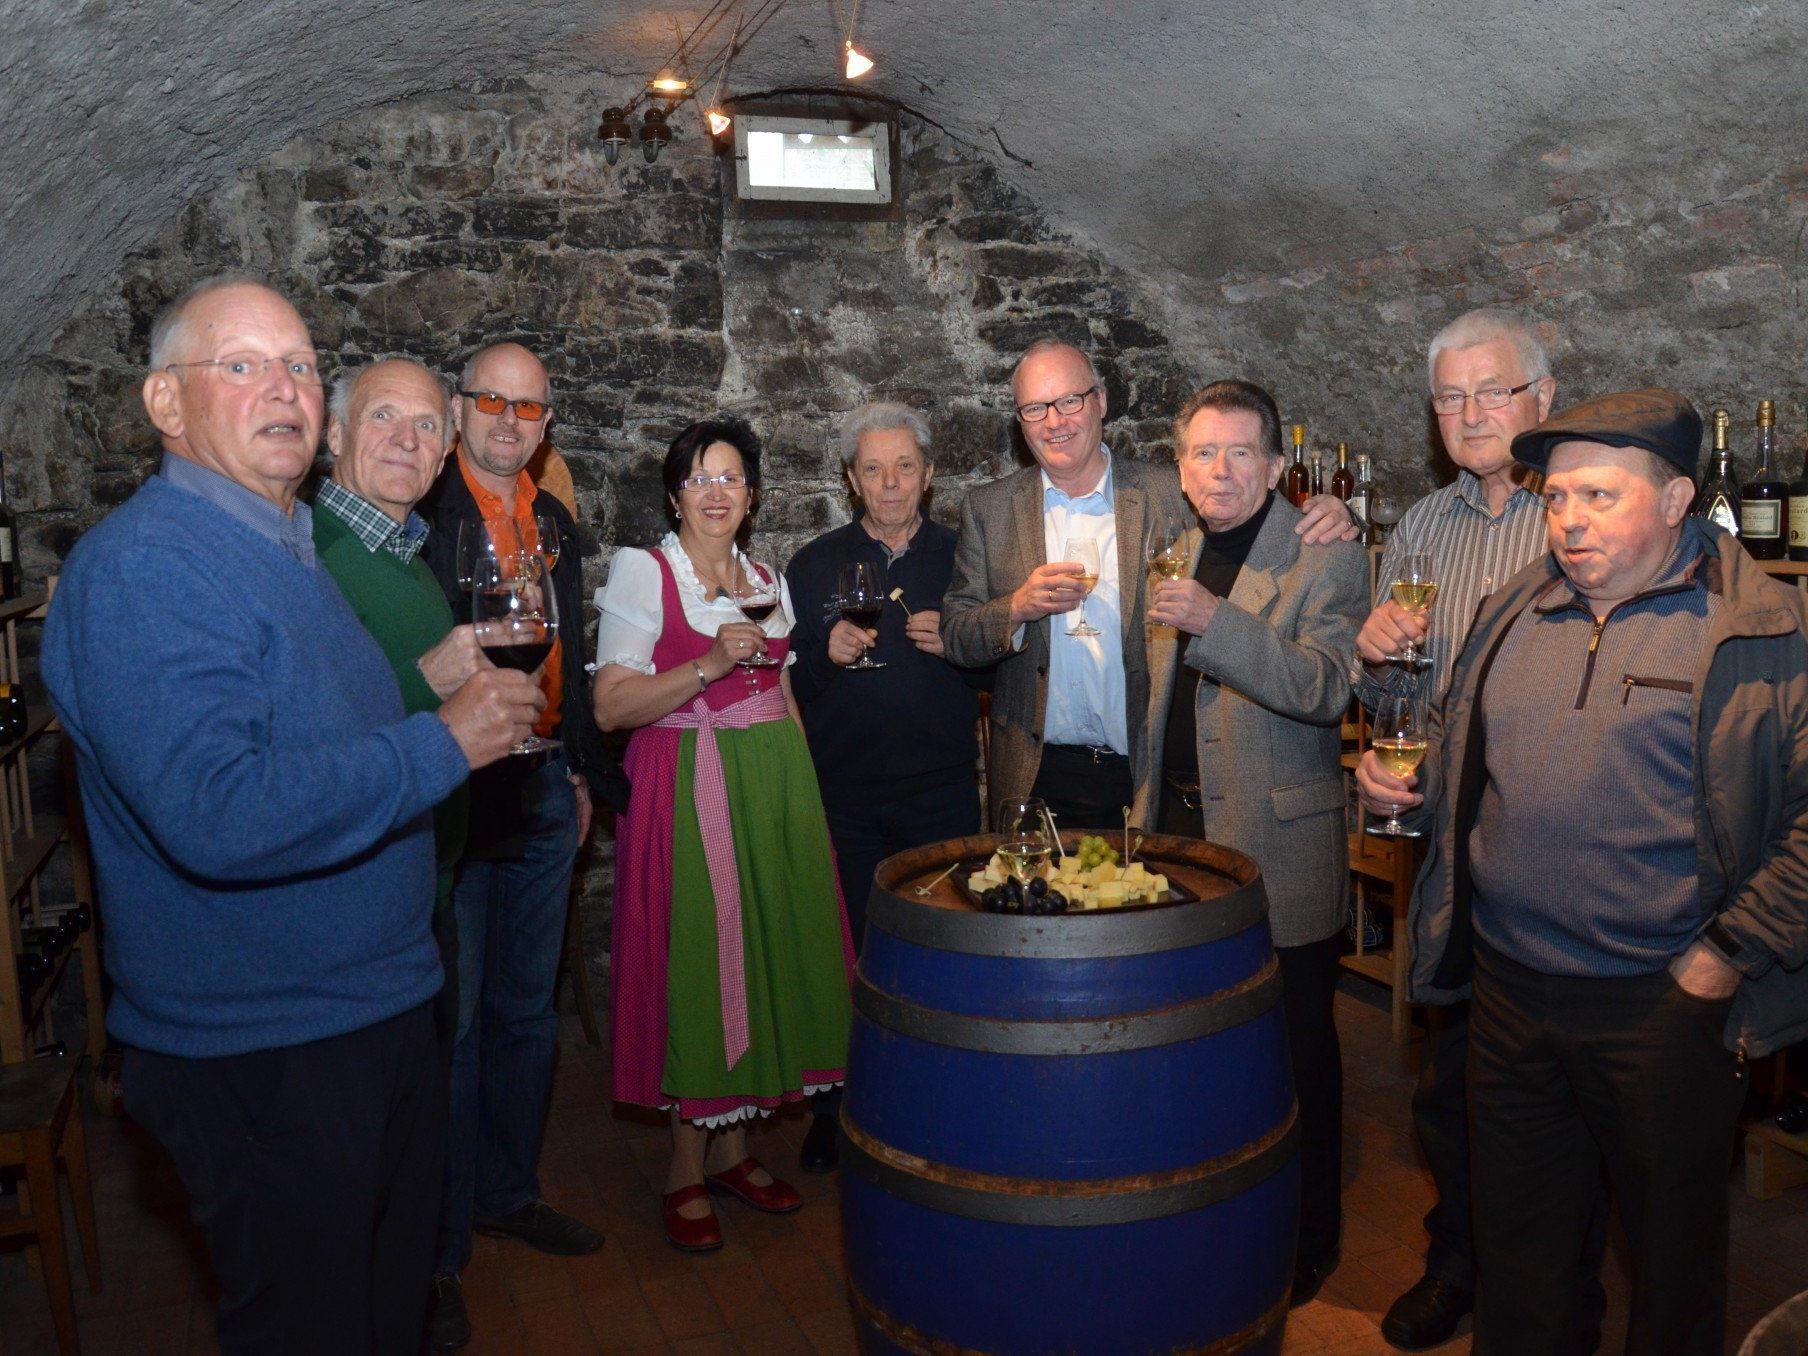 Viele kulinarische Highlights gibt es am lkoomenden Samstag in den ehrüwrdigen Kellern von Rankweil.